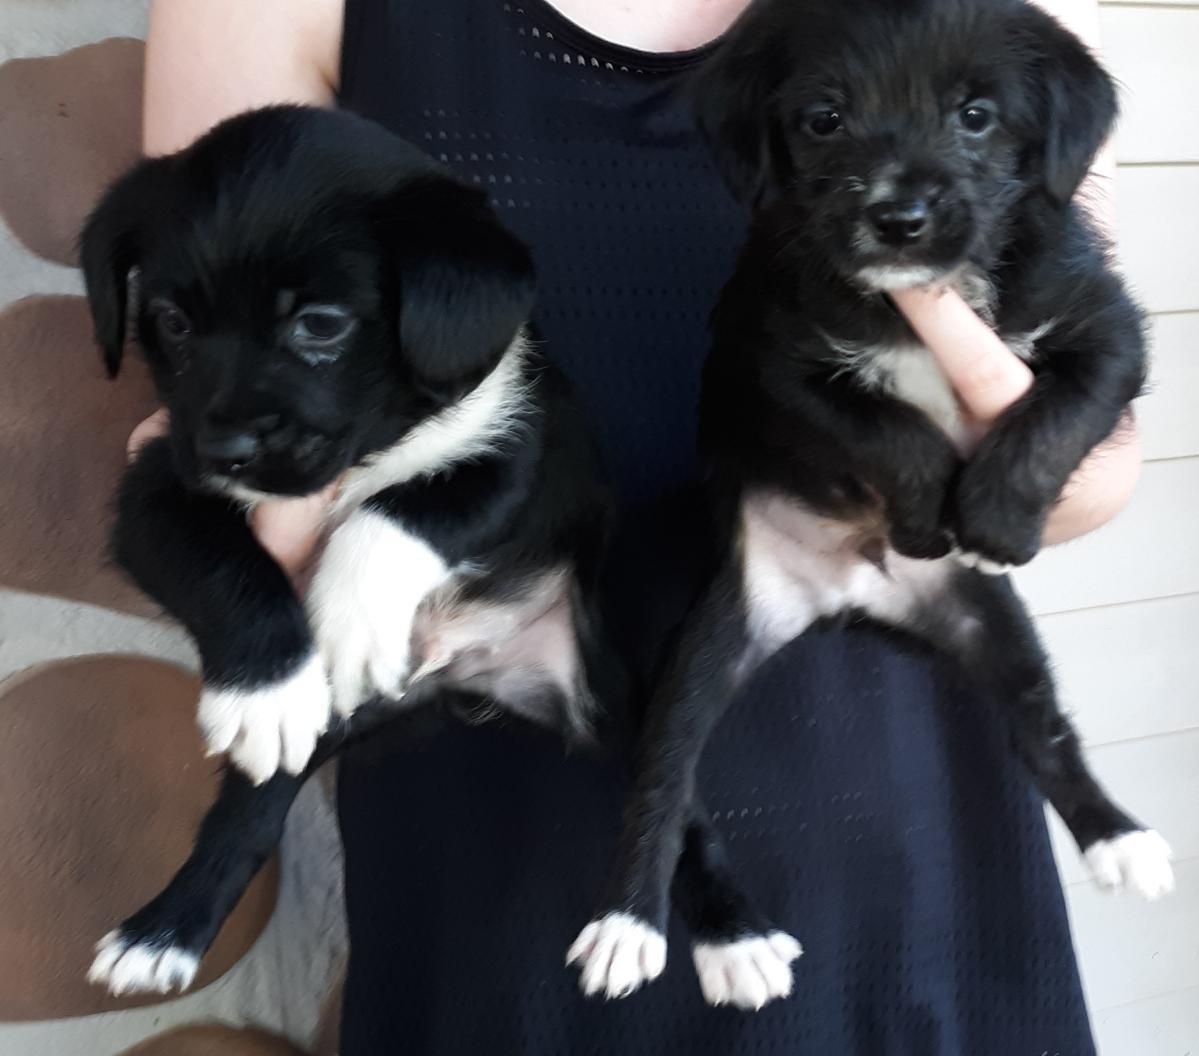 Rat Shih Terrier puppies